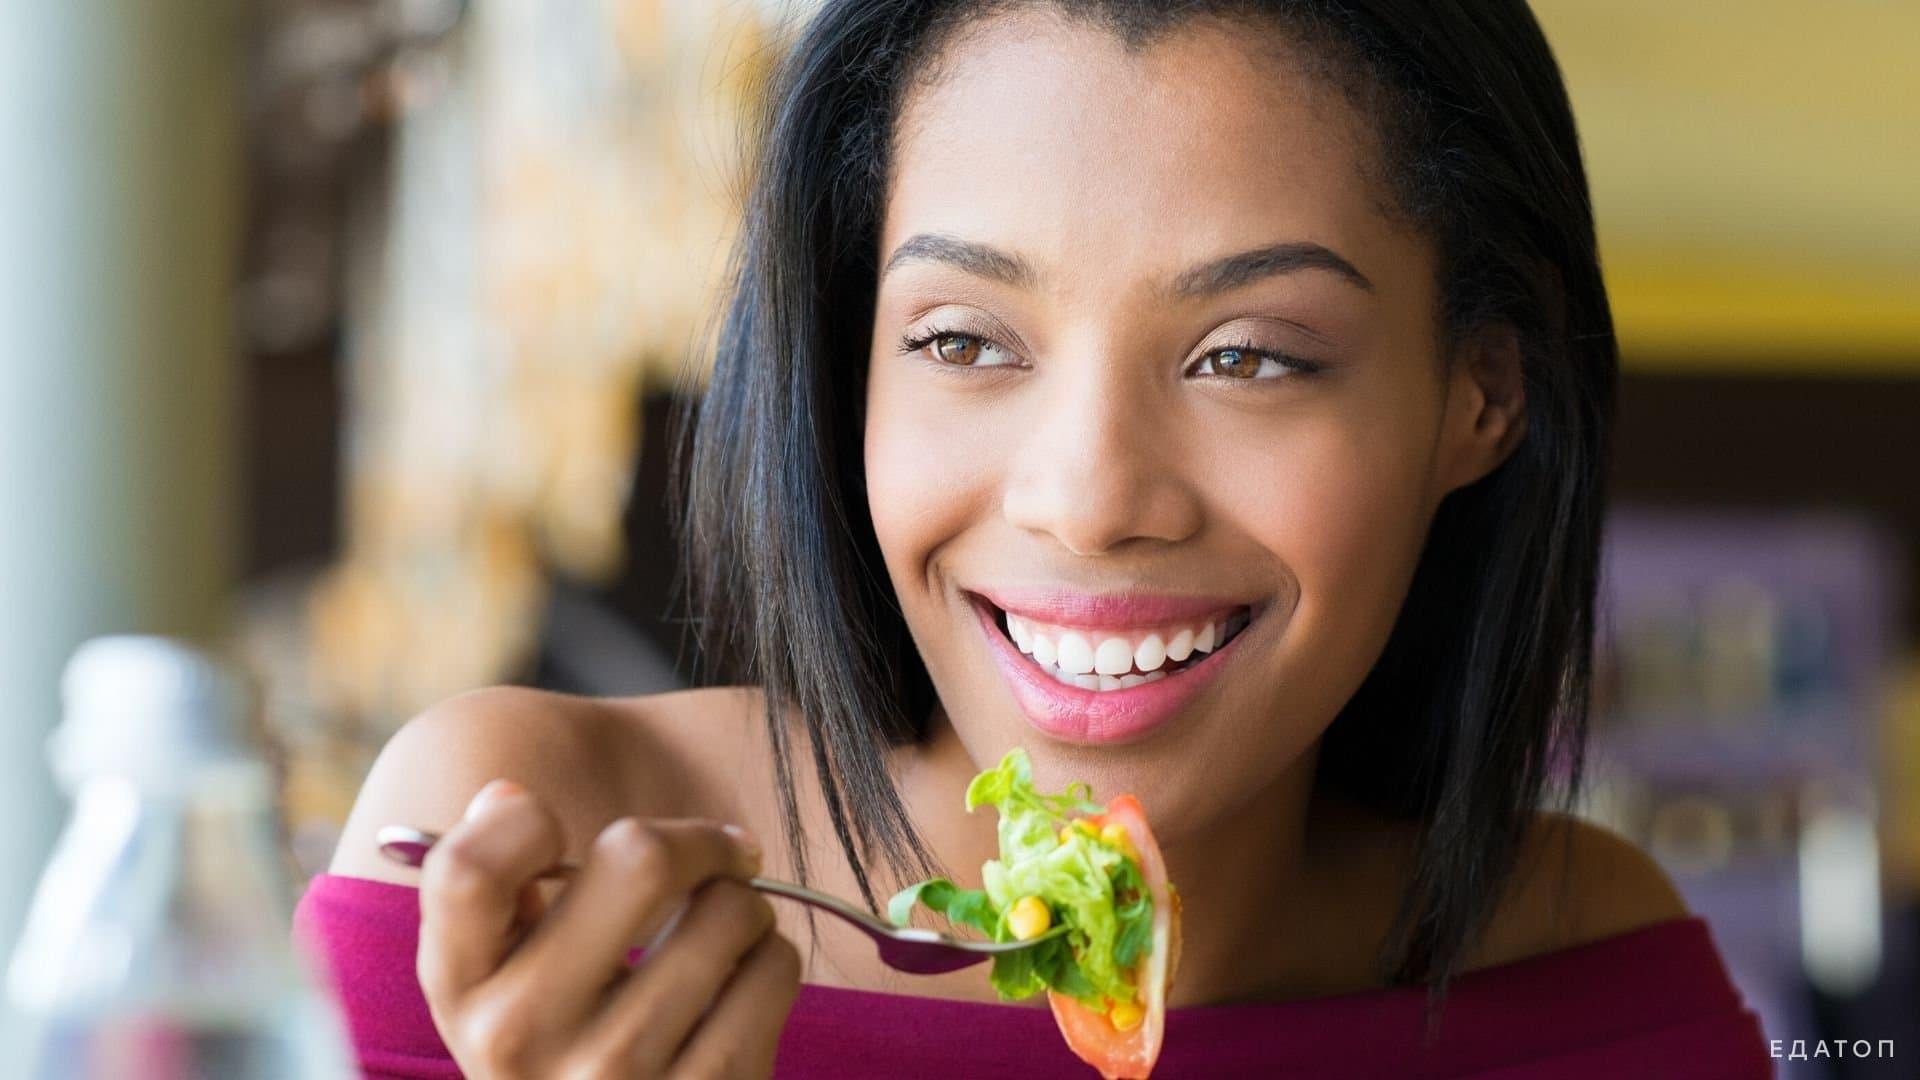 Естественное чувство голода - сигнал о нехватке питания.